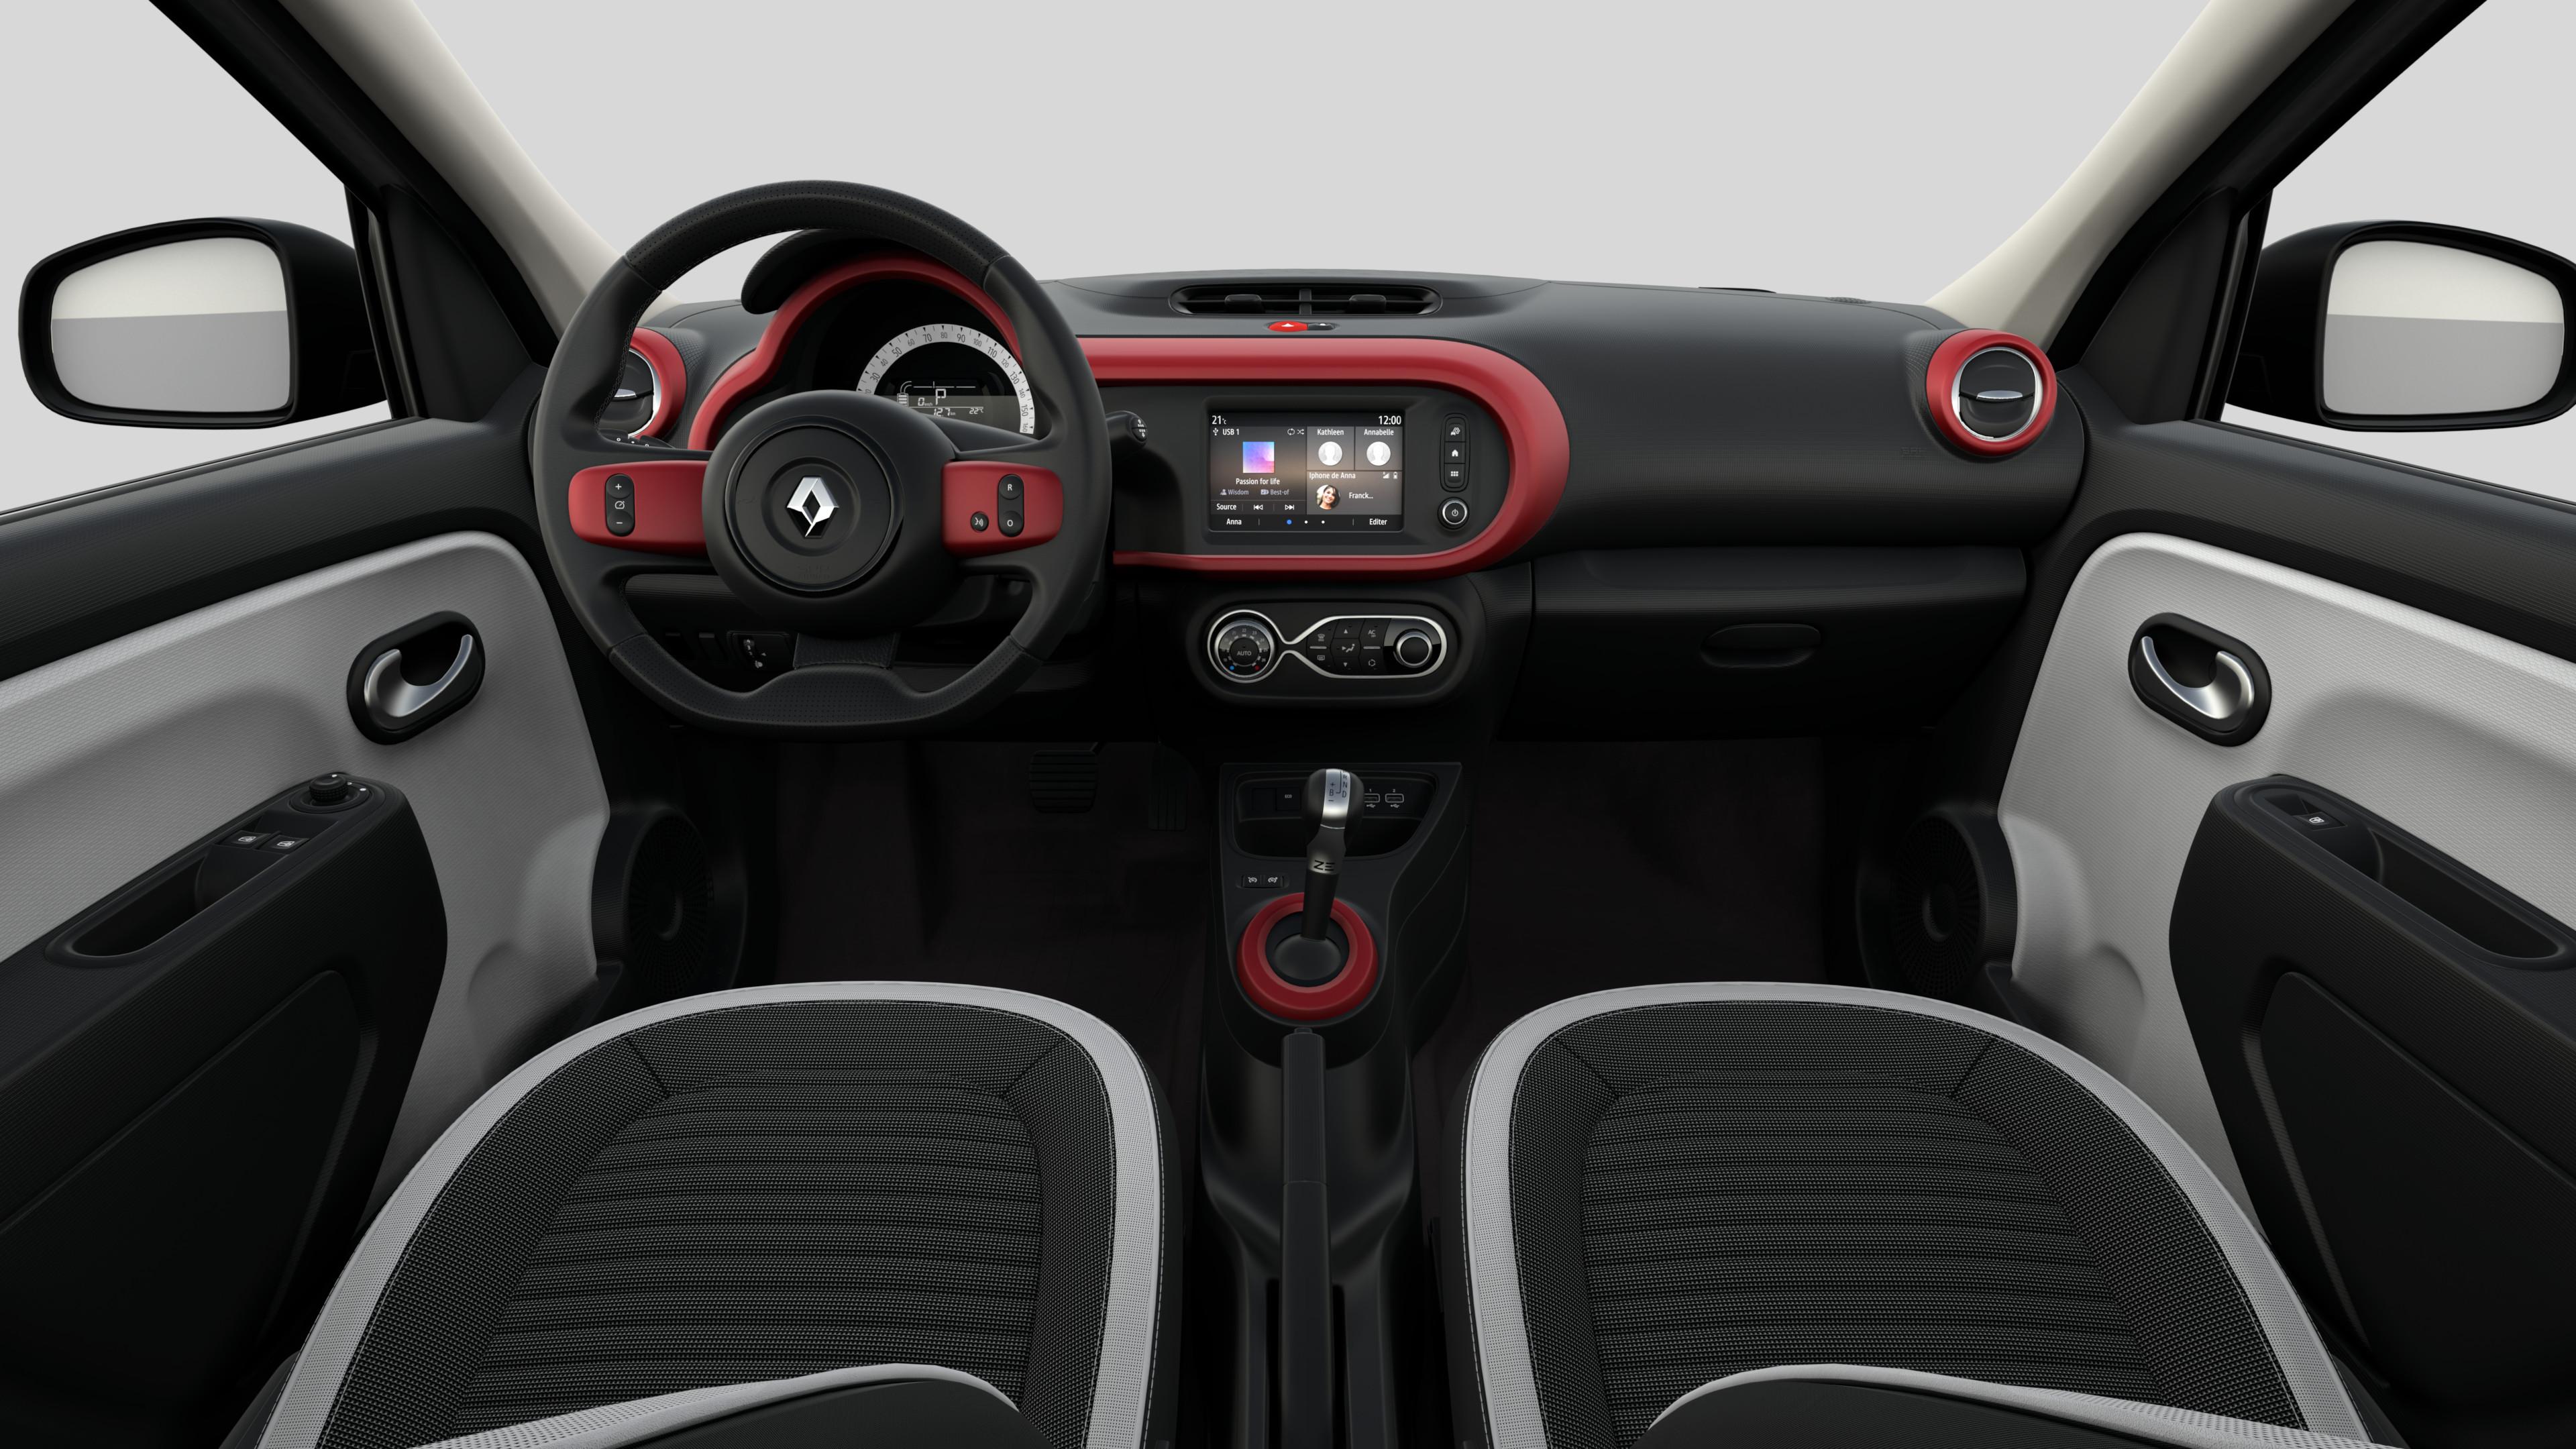 Décors intérieurs Rouge (volant cuir avec inserts, planche de bord, aérateurs, levier vitesse)